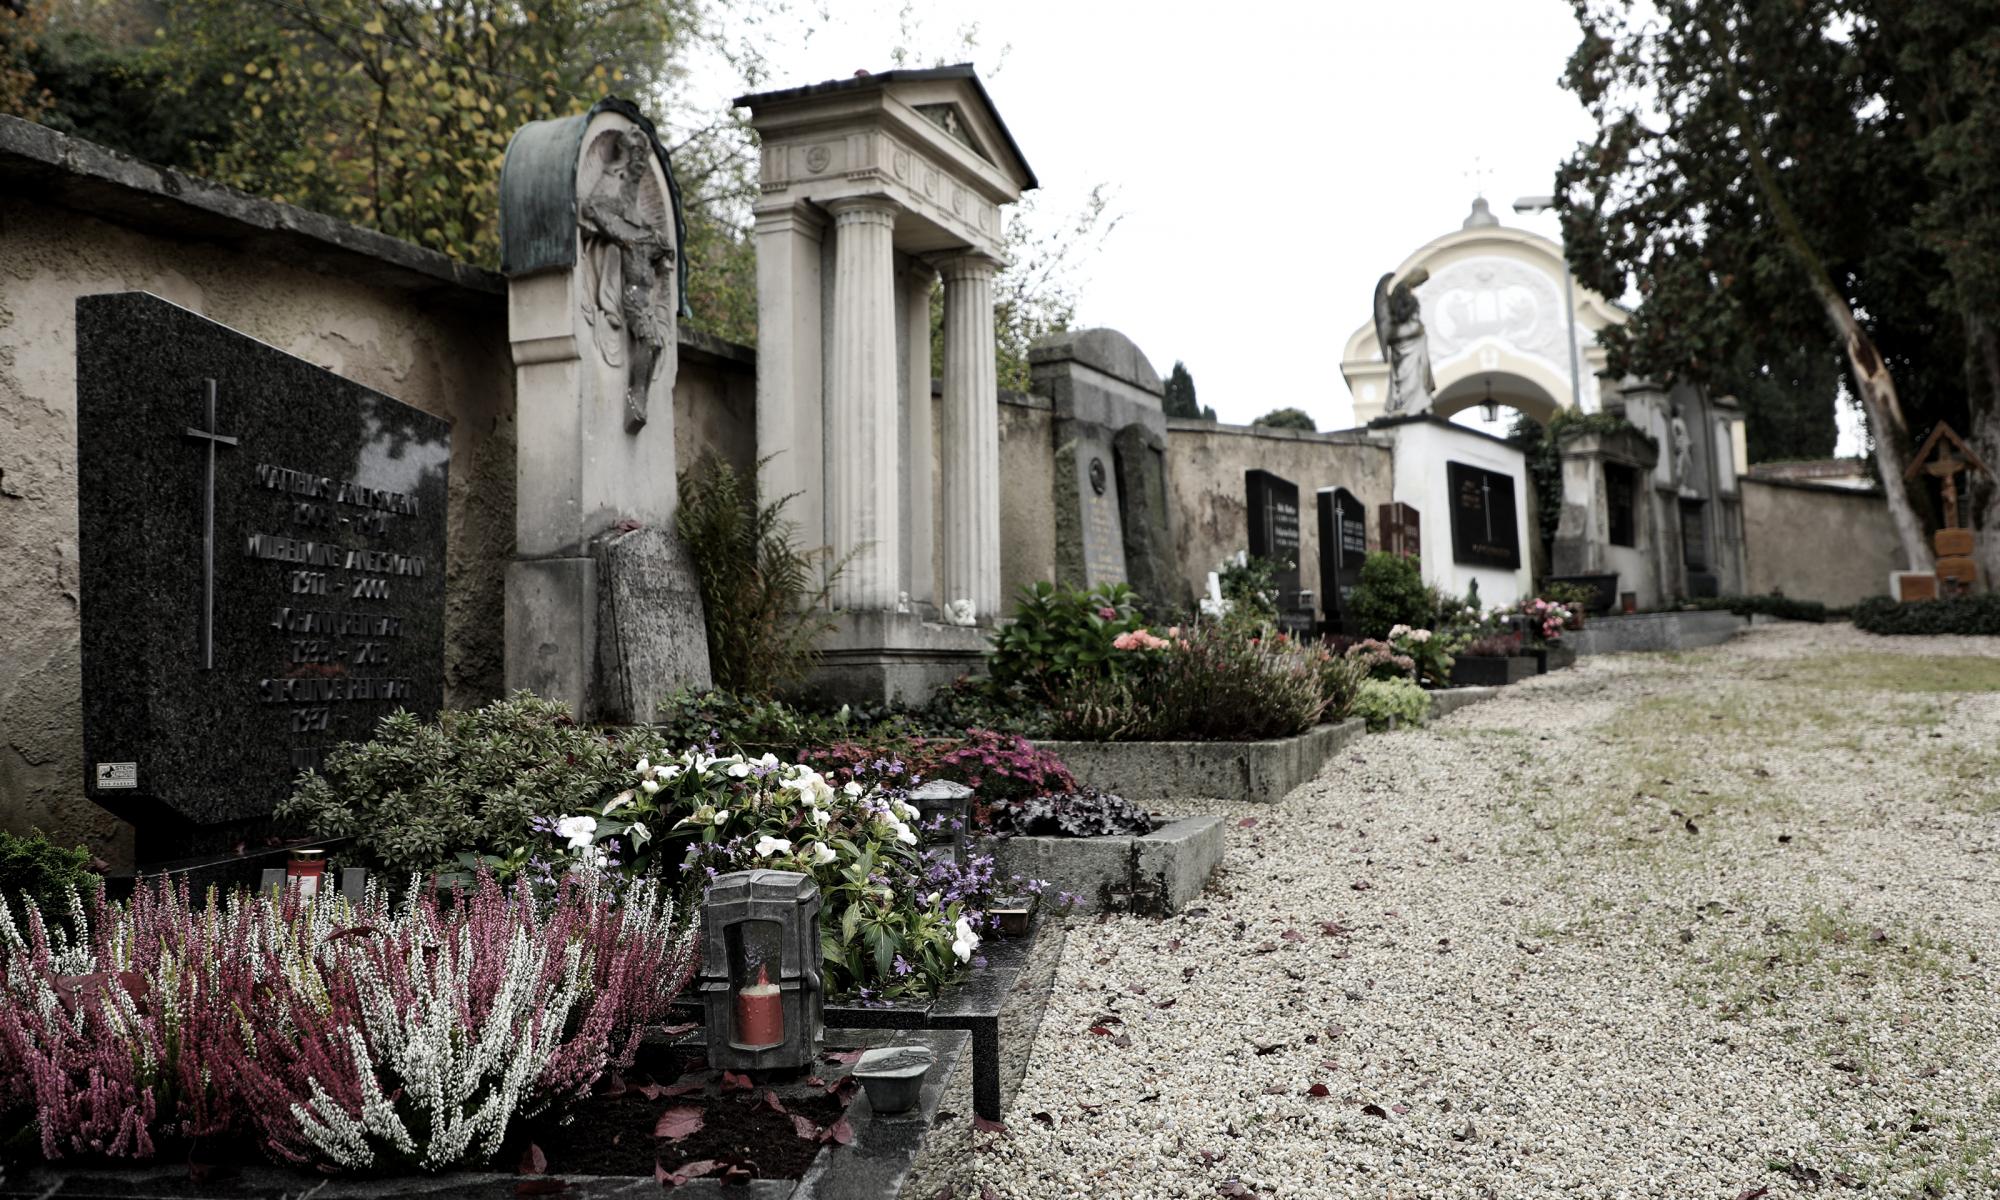 191101_Allerheiligen_foto-innstadtfriedhof-SH